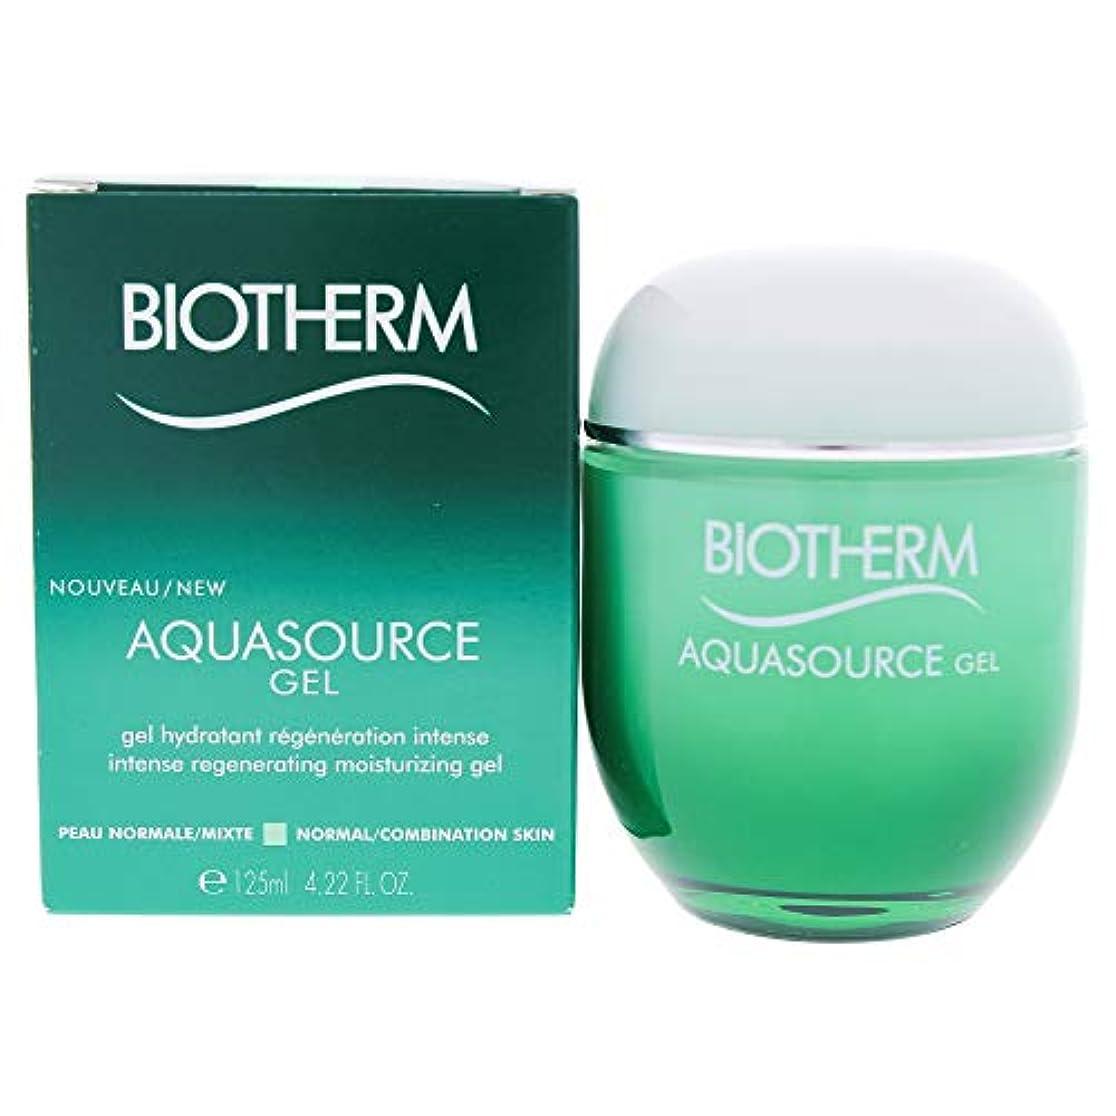 キャメルチャンバー問題ビオテルム Aquasource Gel Intense Regenerating Moisturizing Gel - For Normal/Combination Skin 125ml/4.22oz並行輸入品